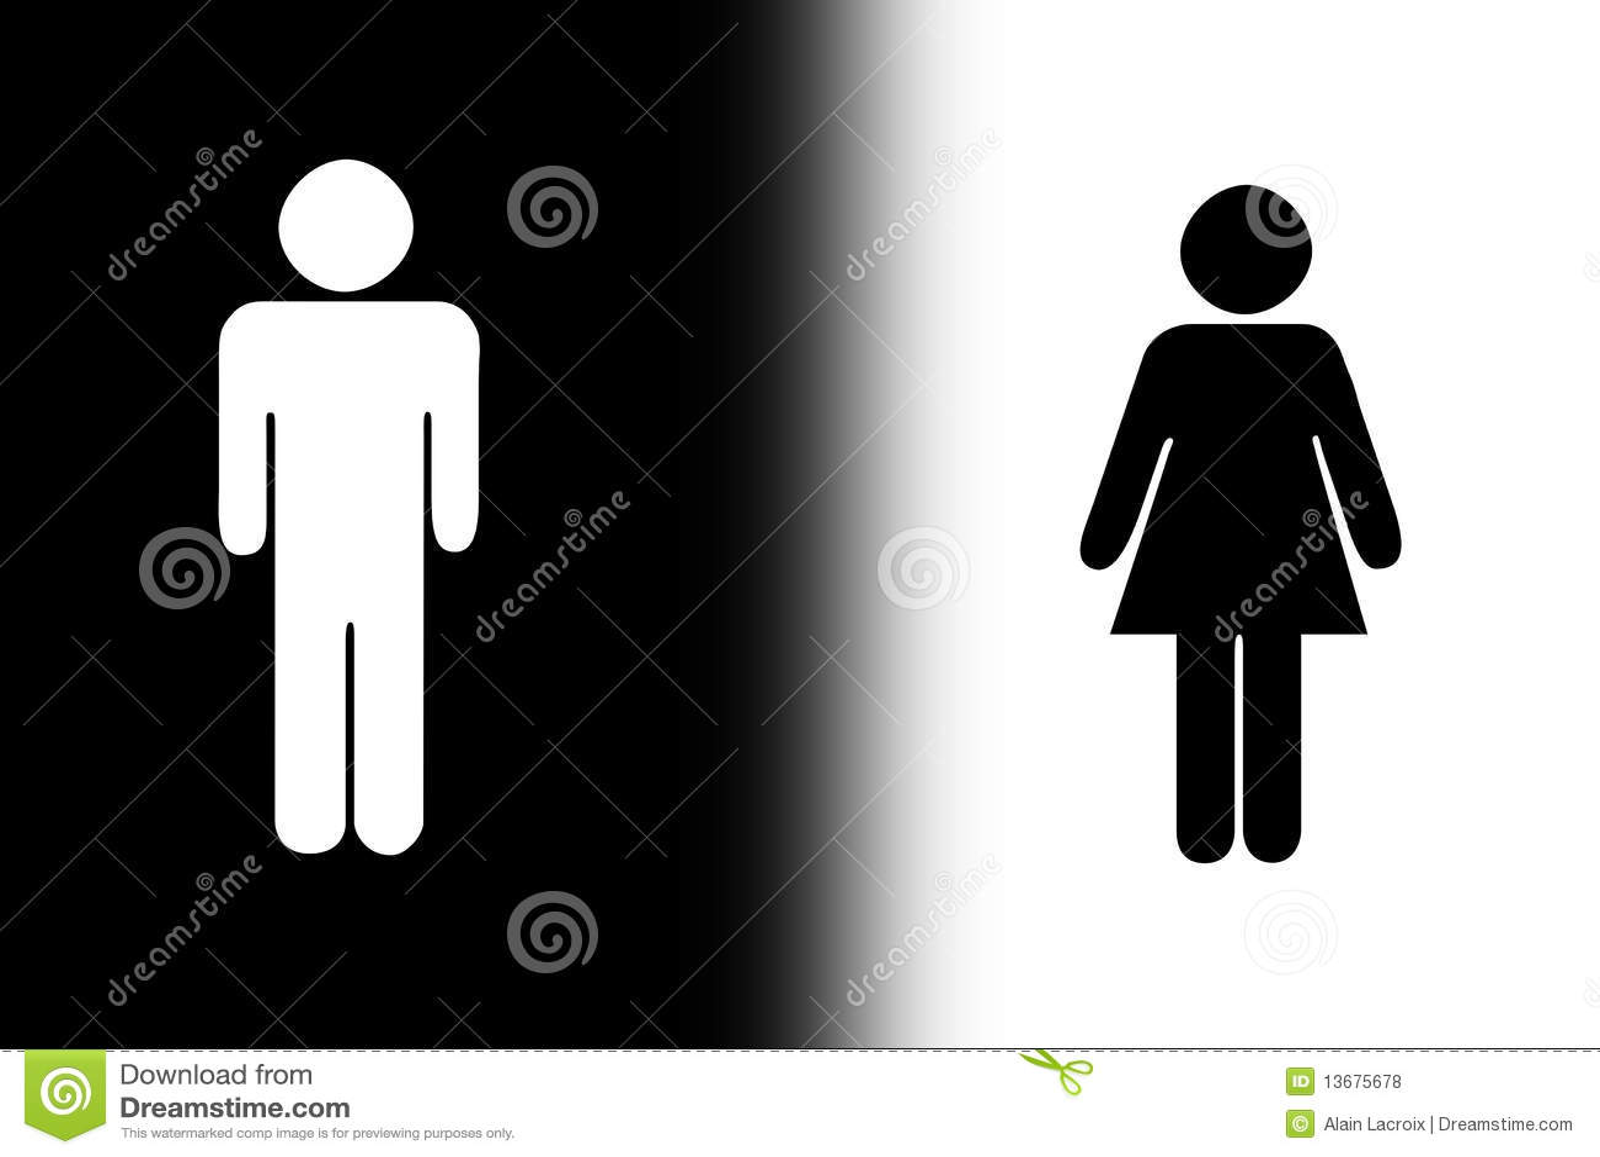 ruwe zwarte lesbiennes noodzaak van een blowjob